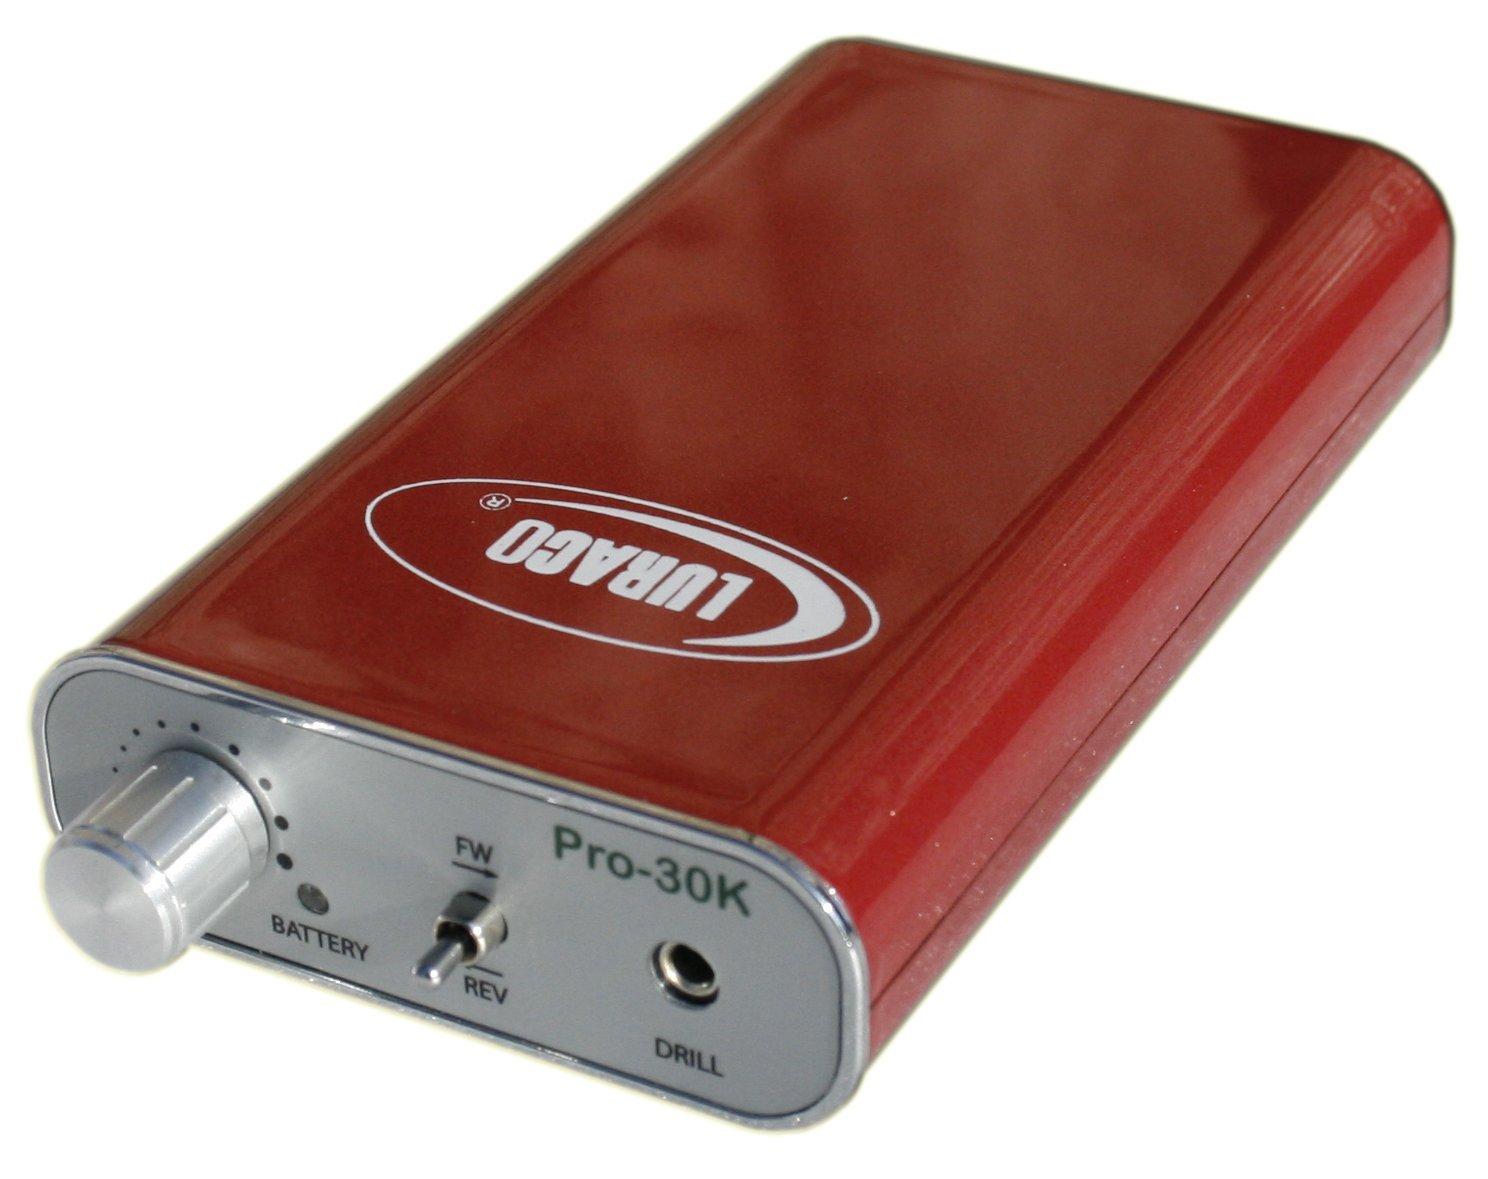 Amazon.com: Luraco Pro-30K Electric Nail Drill (White): Health ...